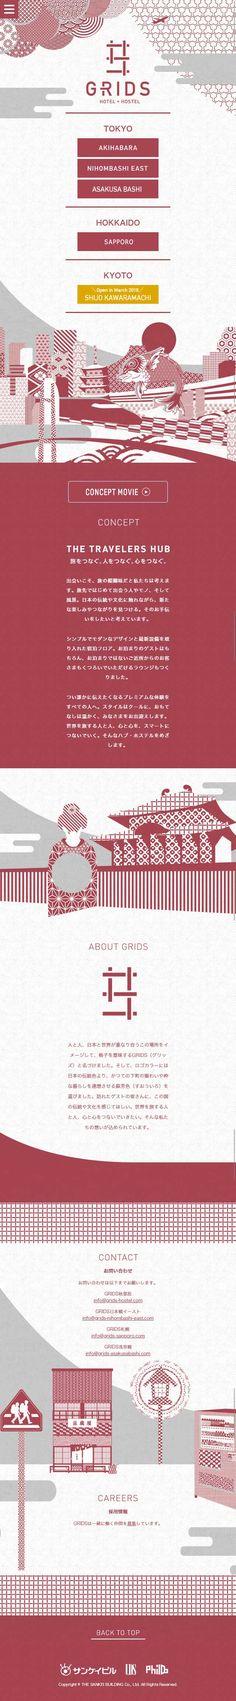 株式会社サンケイビル様の「GRIDS」のスマホランディングページ(LP)マンガ使用系|国内旅行・海外旅行 #LP #ランディングページ #ランペ #GRIDS